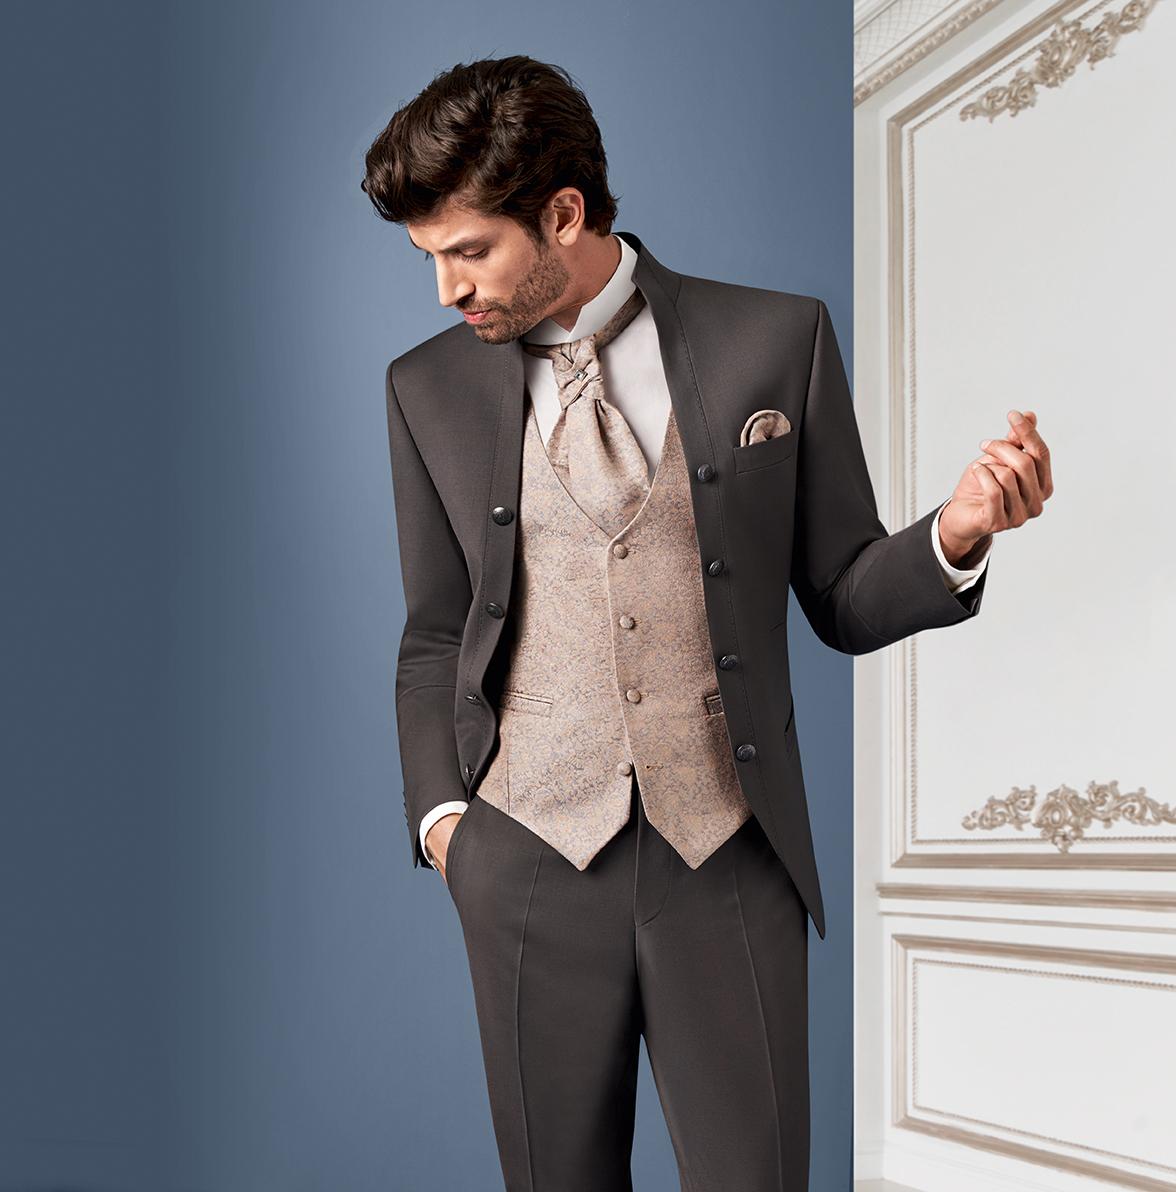 Wilvorst Tziacco Hochzeitsanzug Männer Mode Bräutigam extravagant mokkabraun braun mit cappuccino Weste Stehkragen edel ohne Muster Jabot Einstecktuch